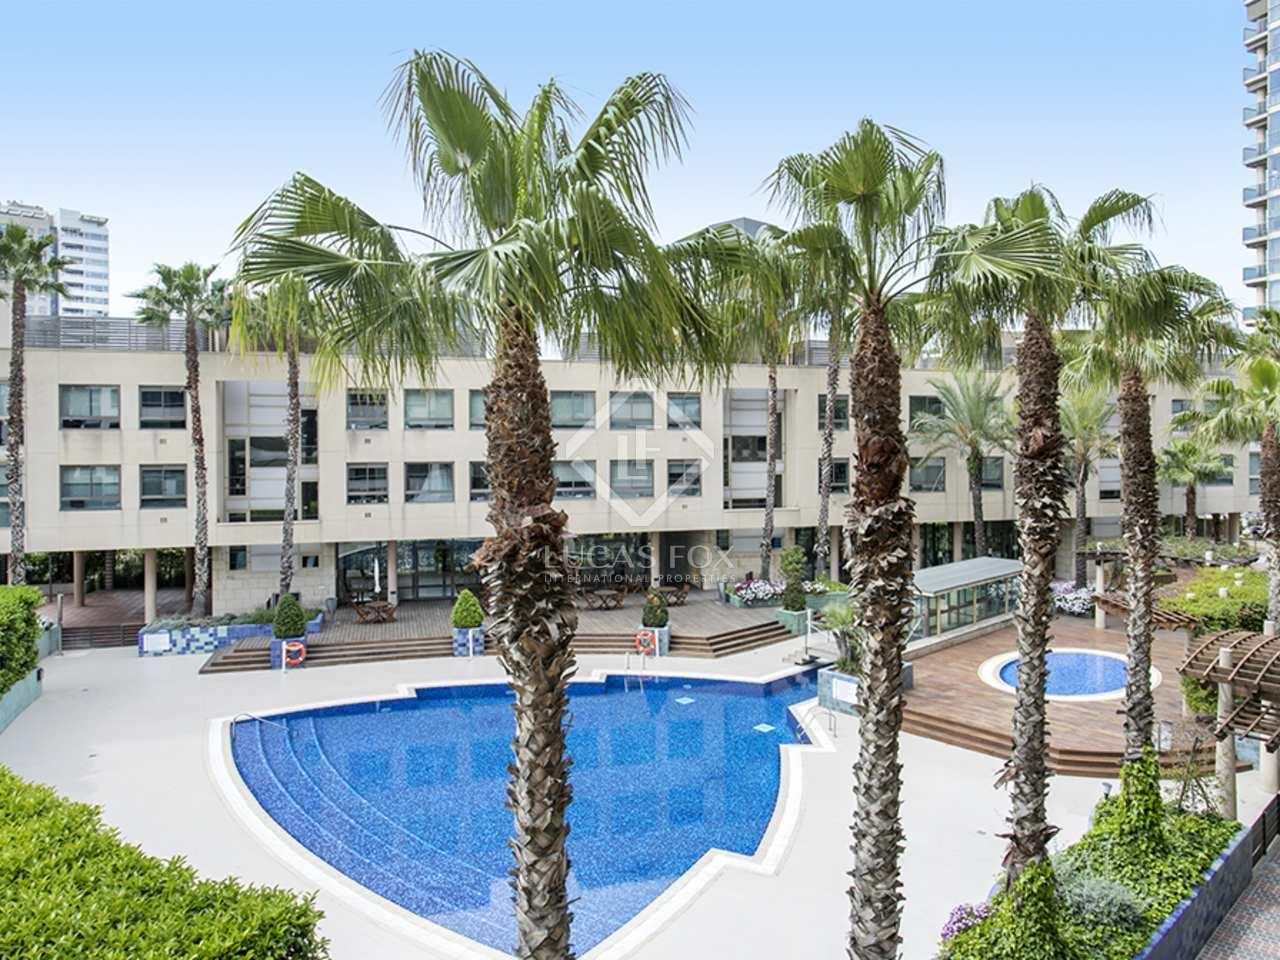 Appartement de 81m a louer diagonal mar avec 16m terrasse for Appartement barcelone piscine